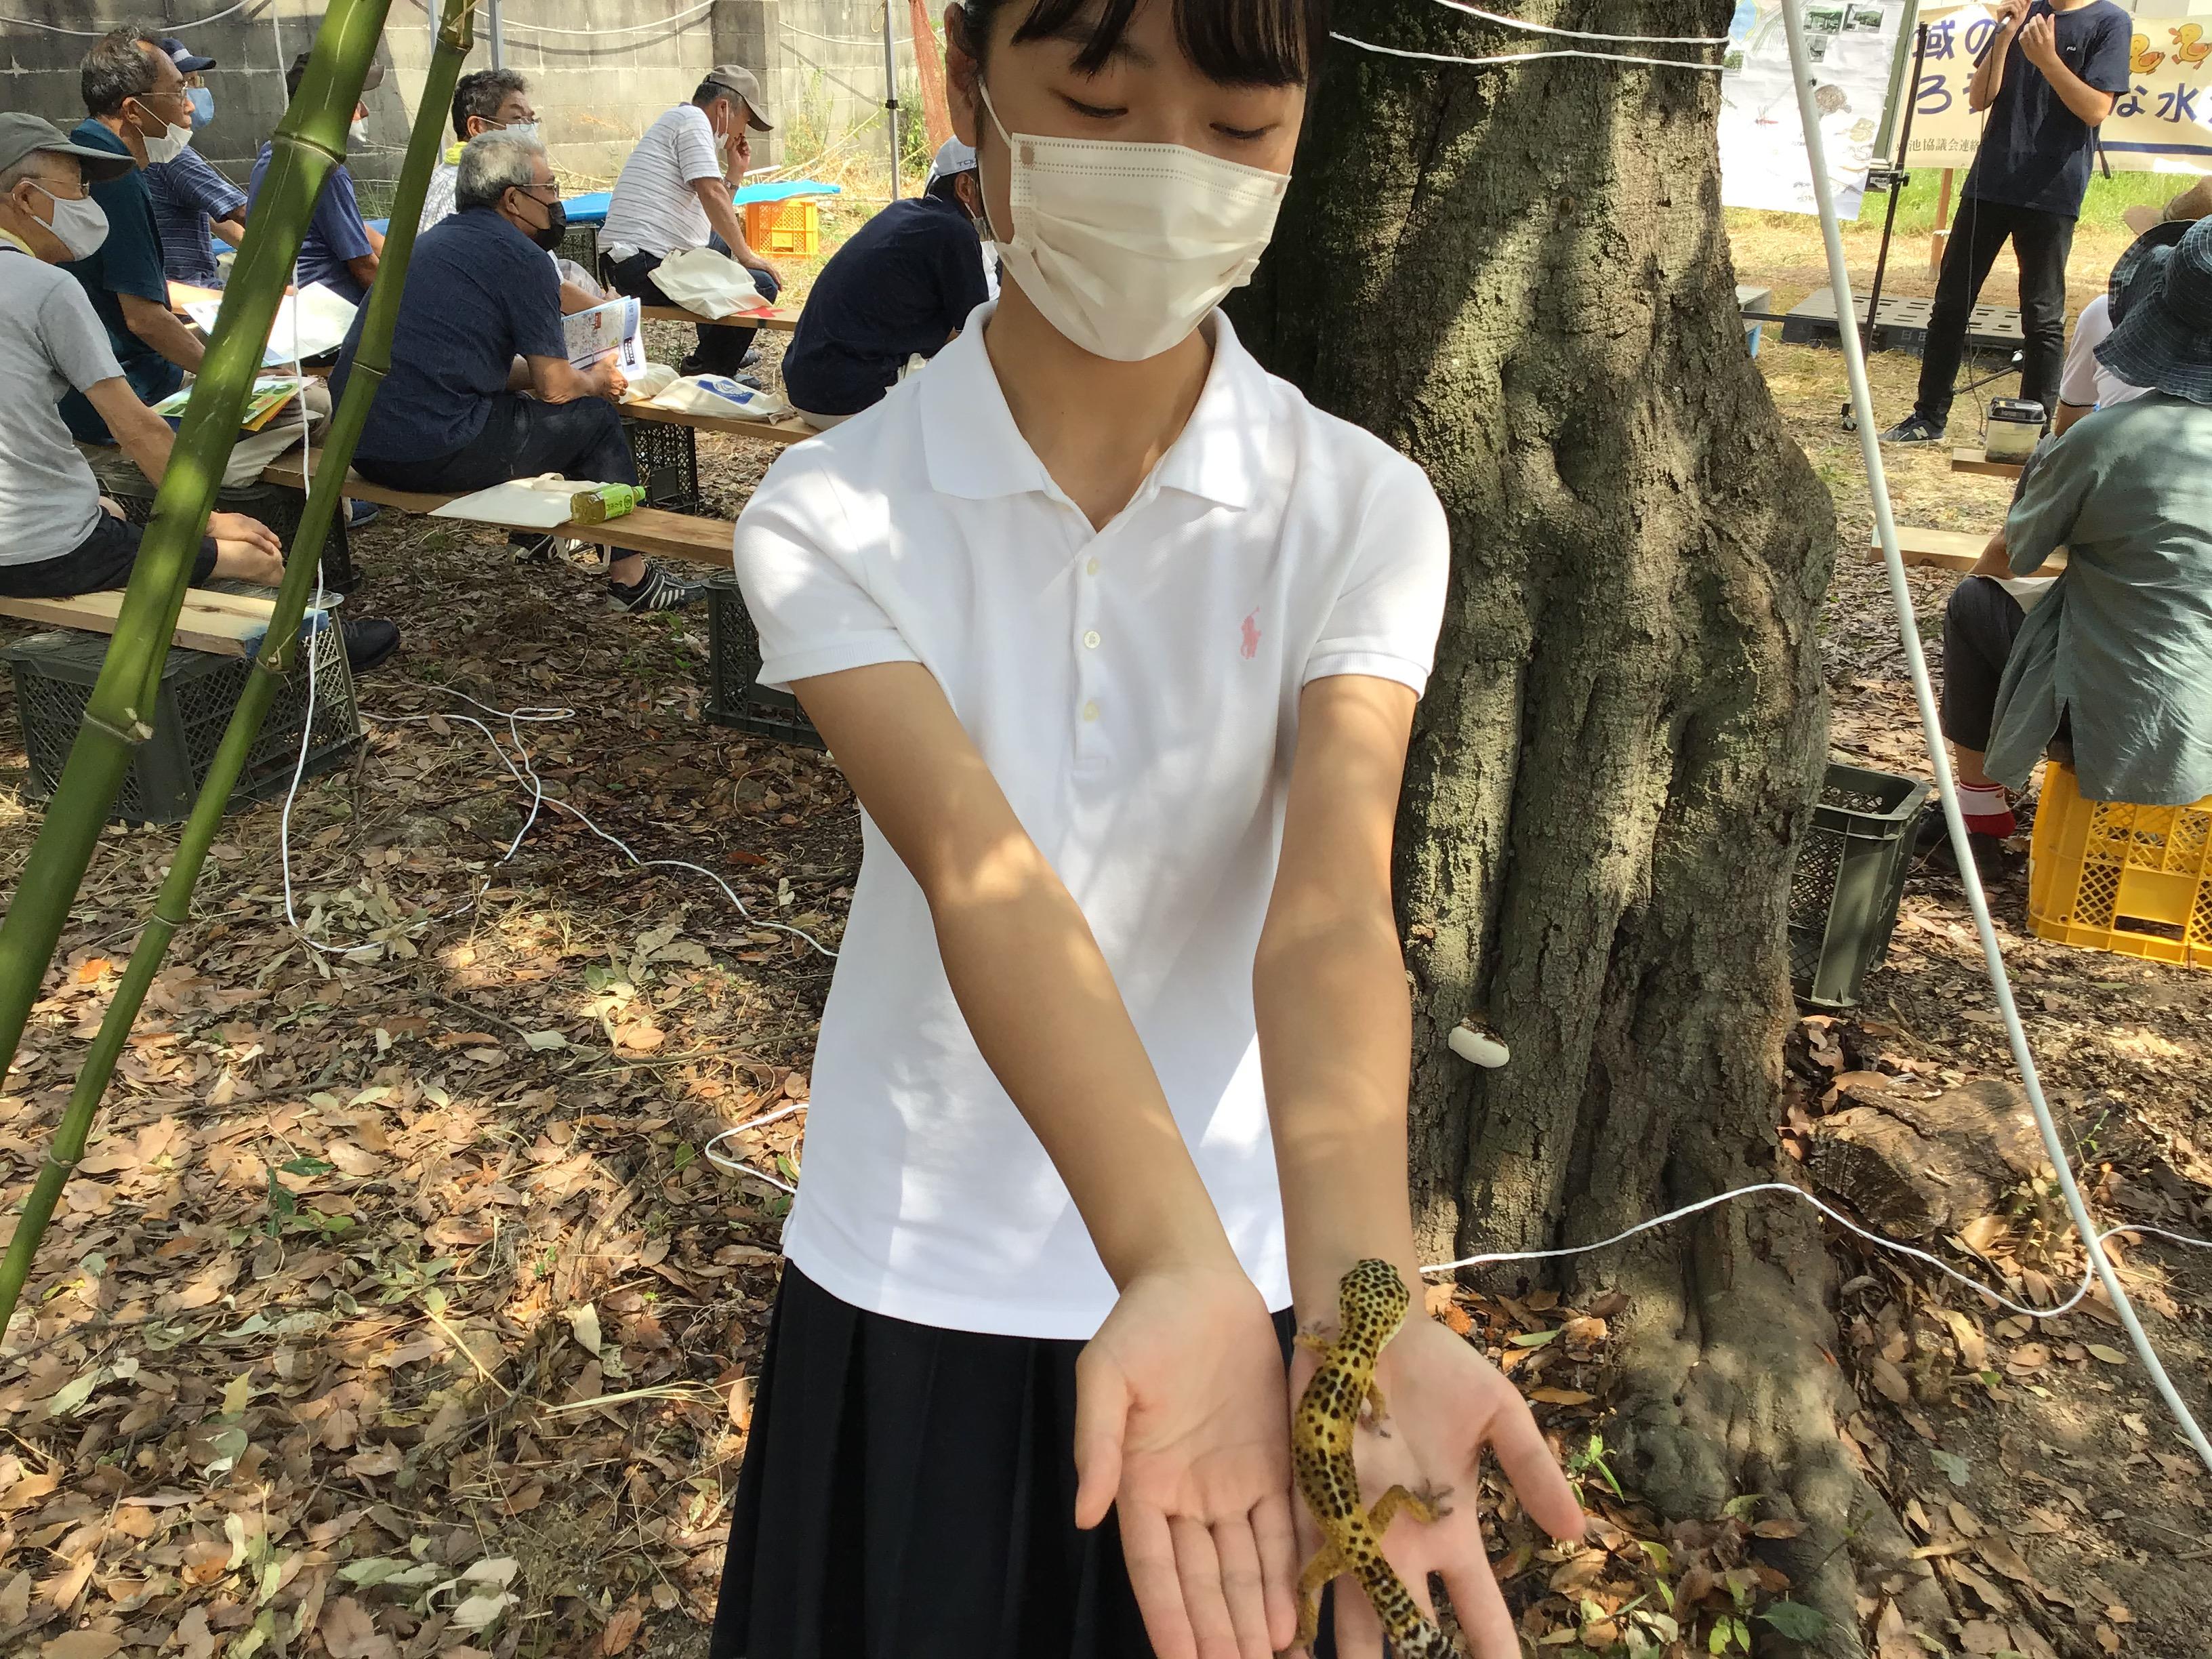 白陵高校の松尾風花さんとヒョウモントカゲモドキ。飼育しているとは(驚)。参加者に見せて回ってます。もう10年(歳)以上の年齢らしい。(寿命15年程)